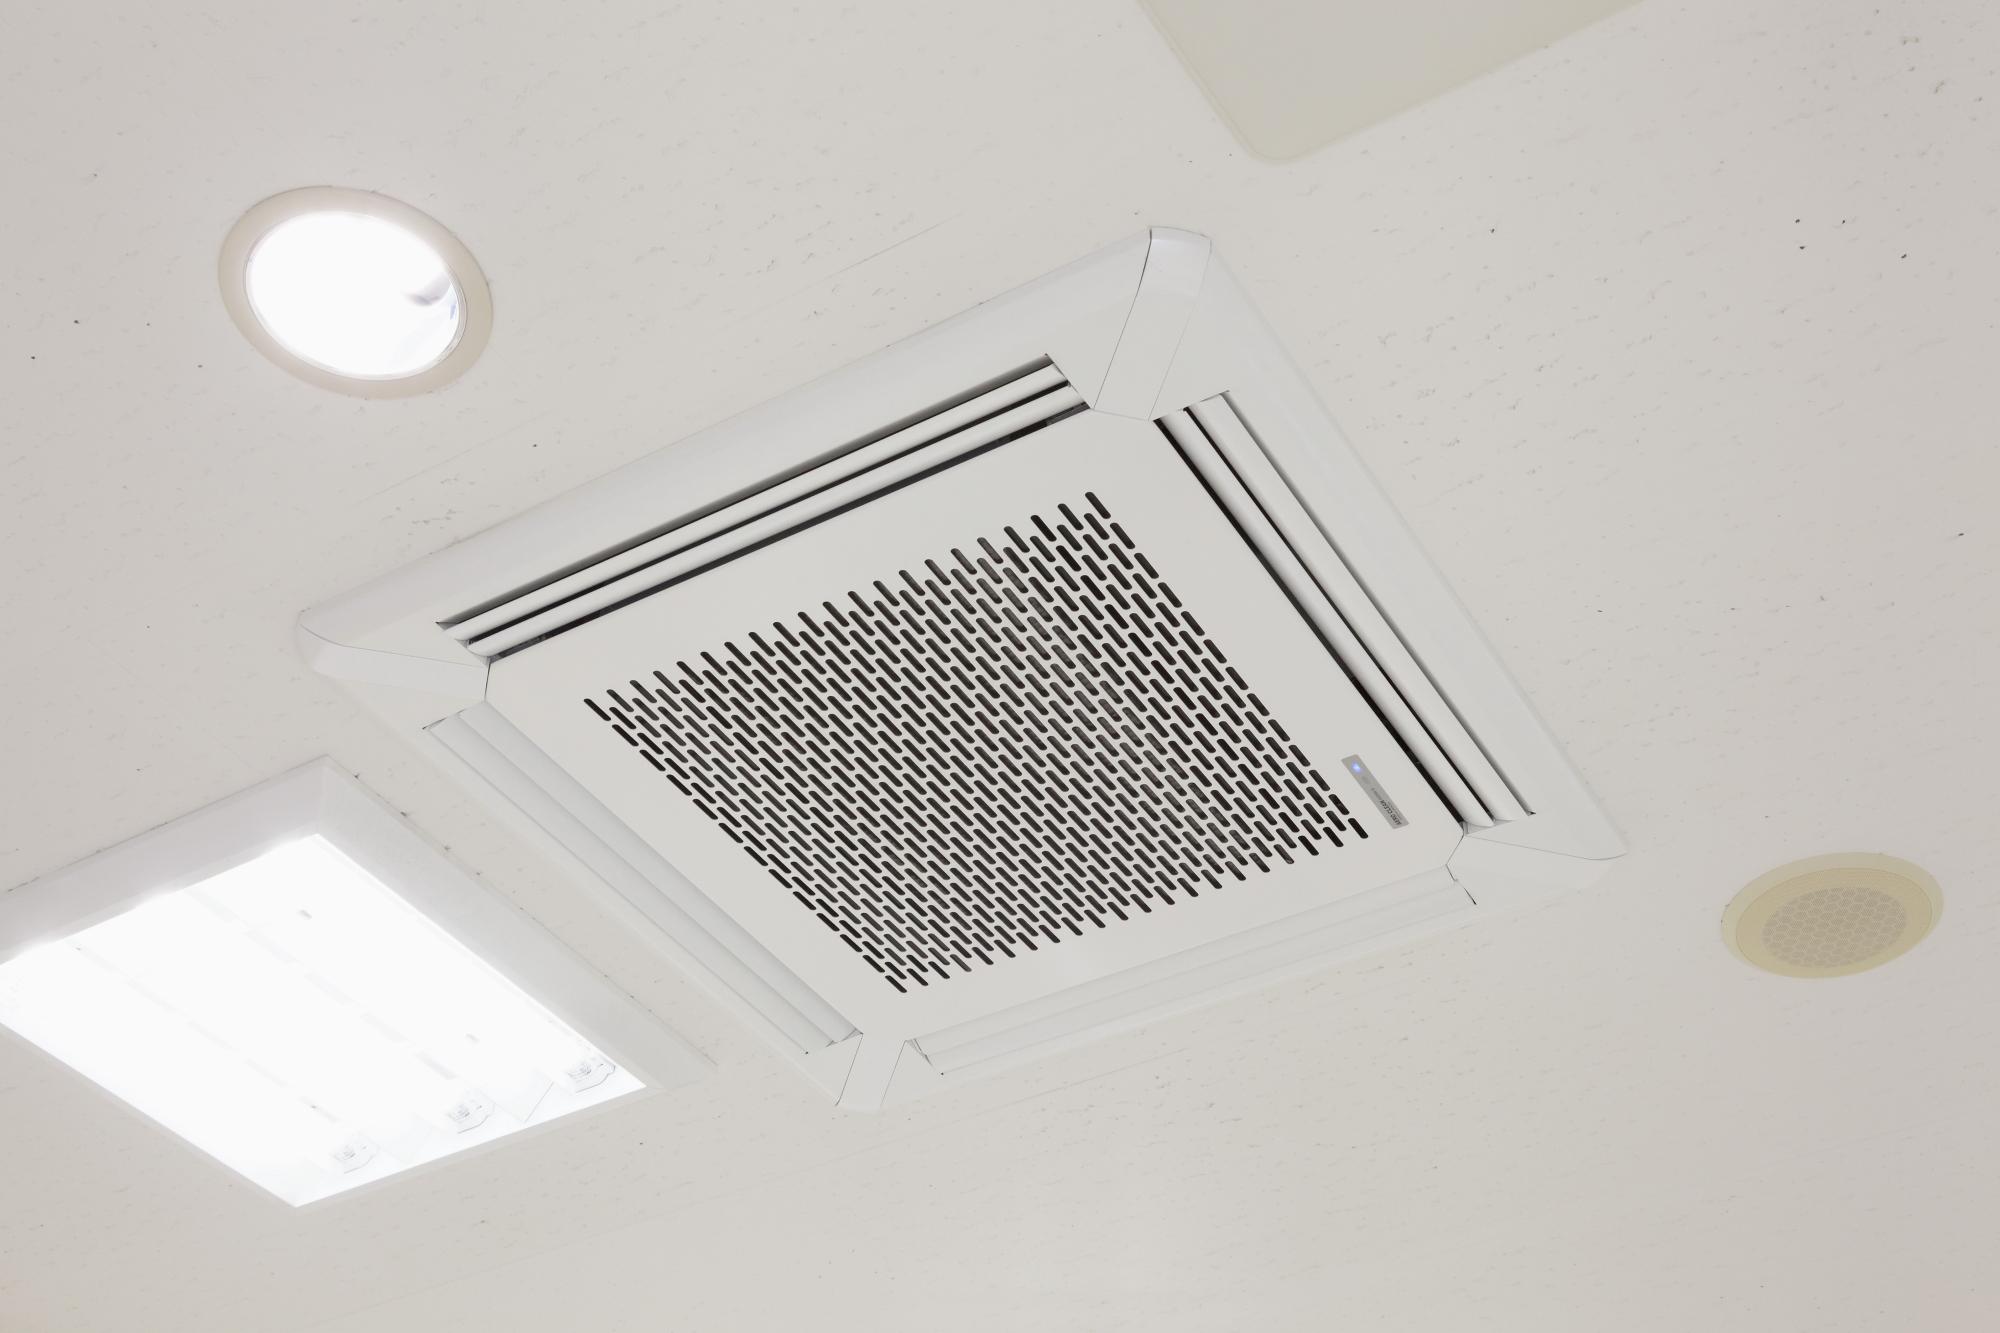 医療用空気清浄装置